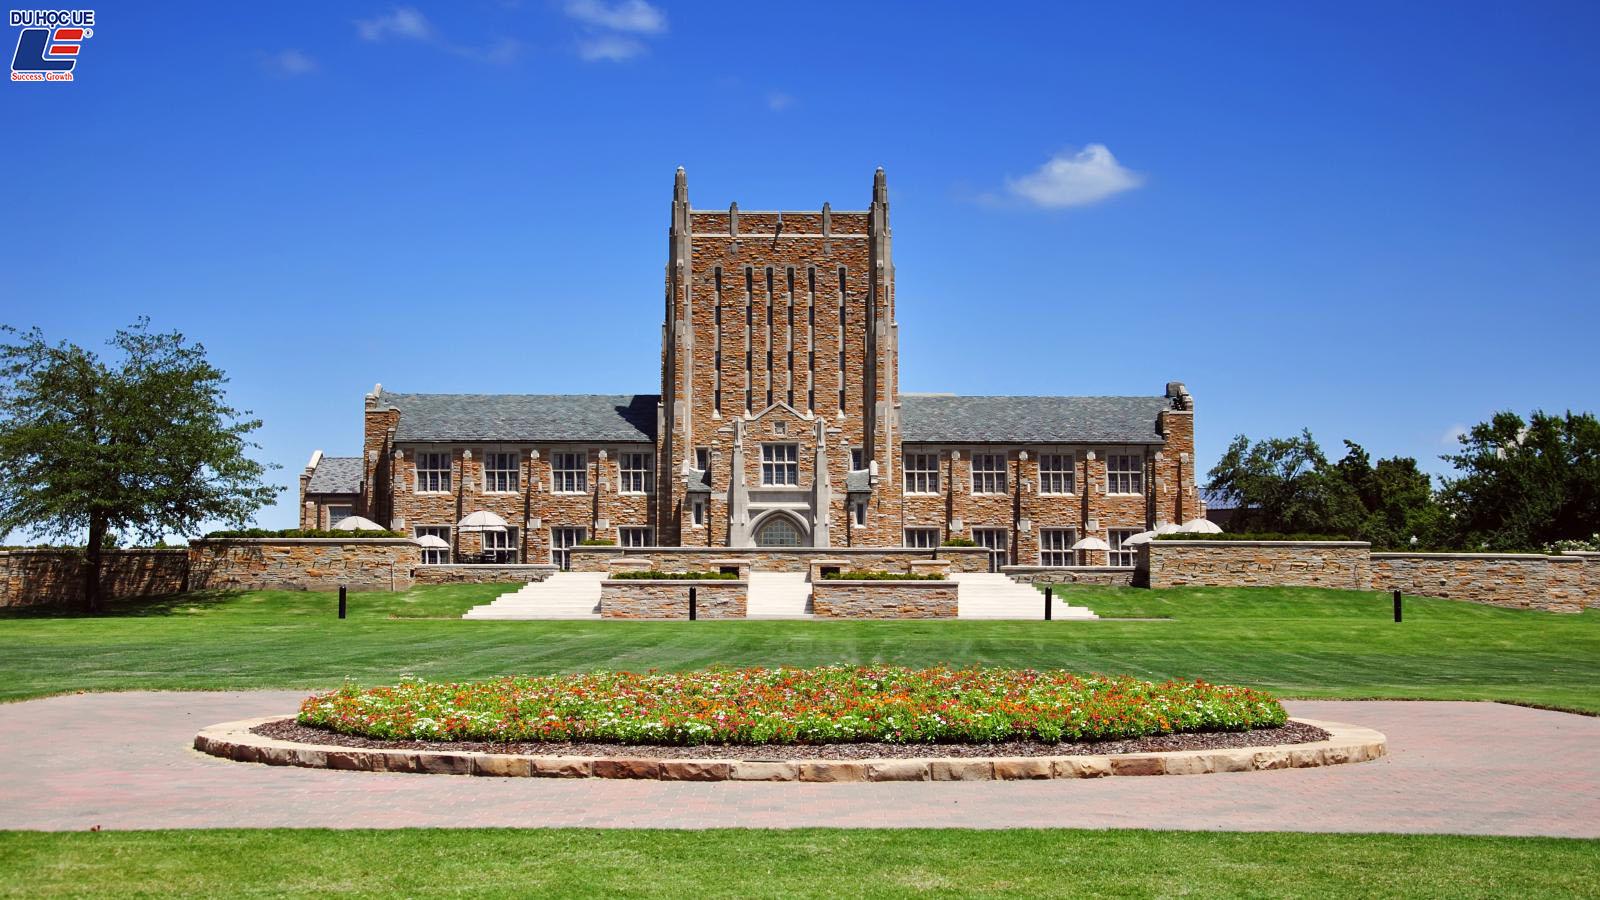 Cơ hội nhận học bổng lên đến 16.000 USD tại Tulsa University 2